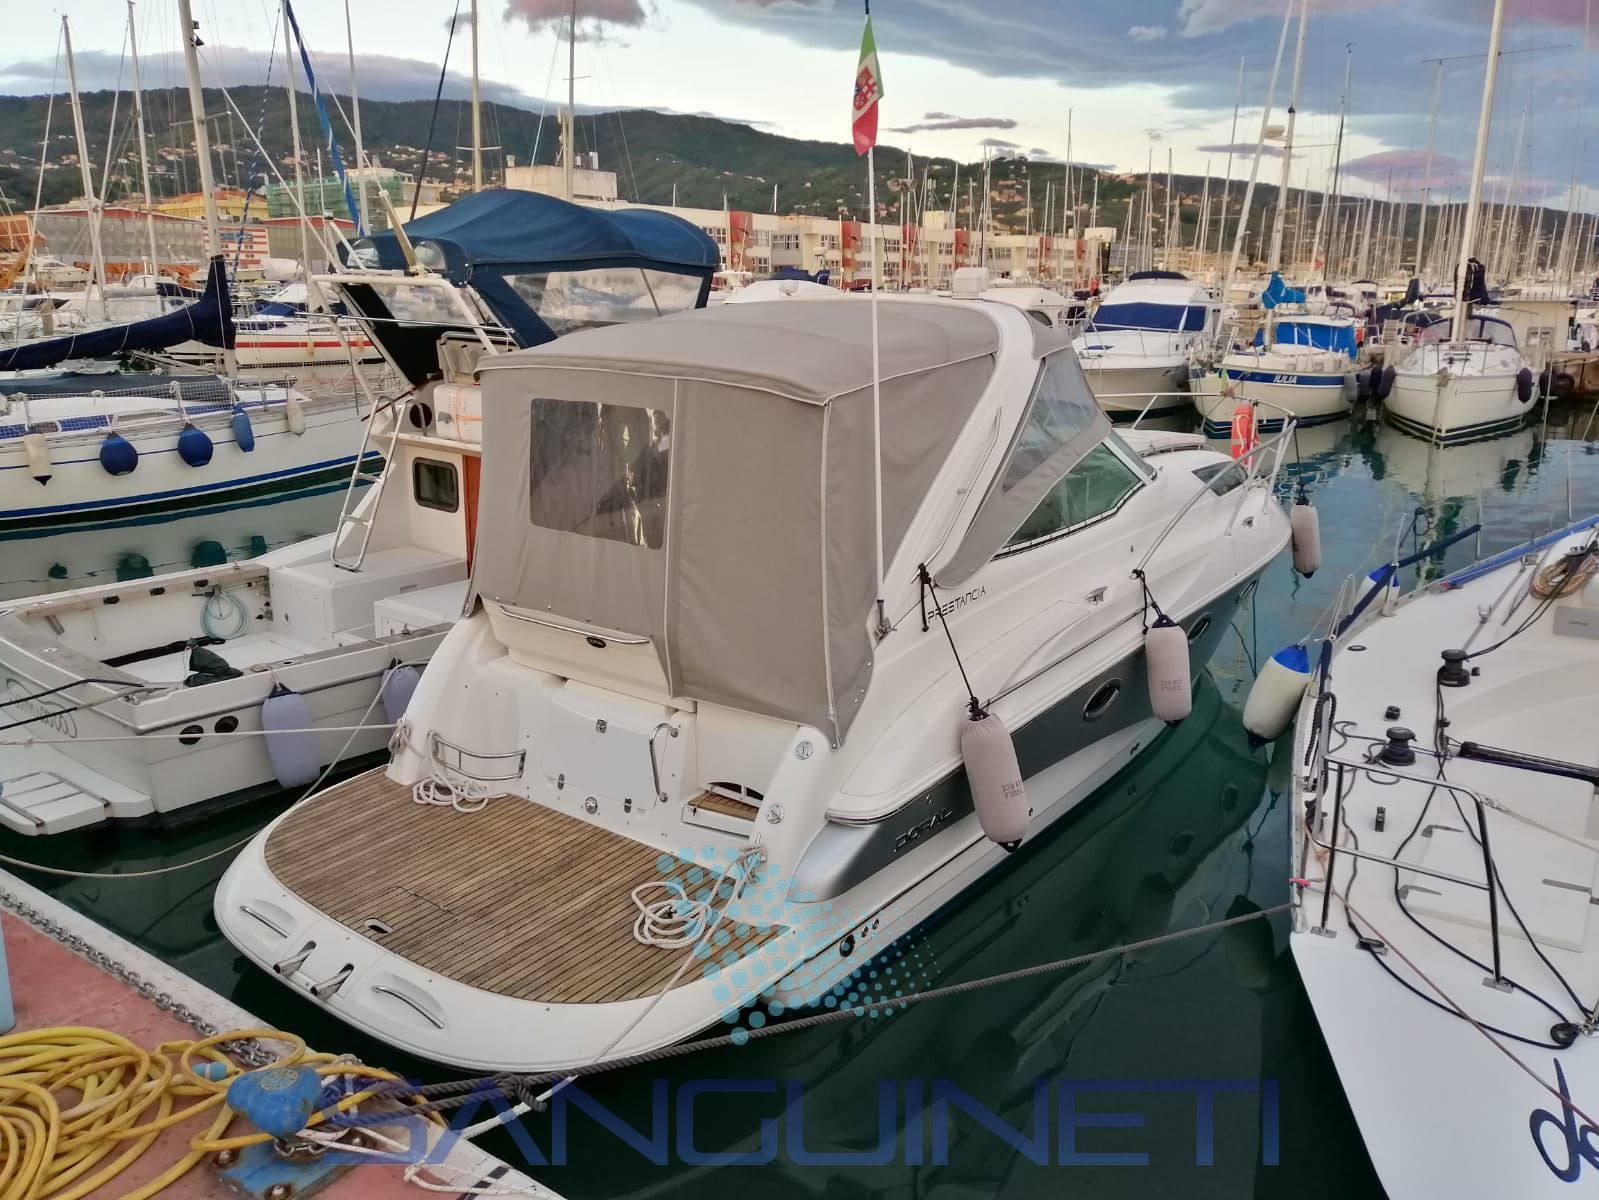 Doral Prestancia 28 Motor boat used for sale